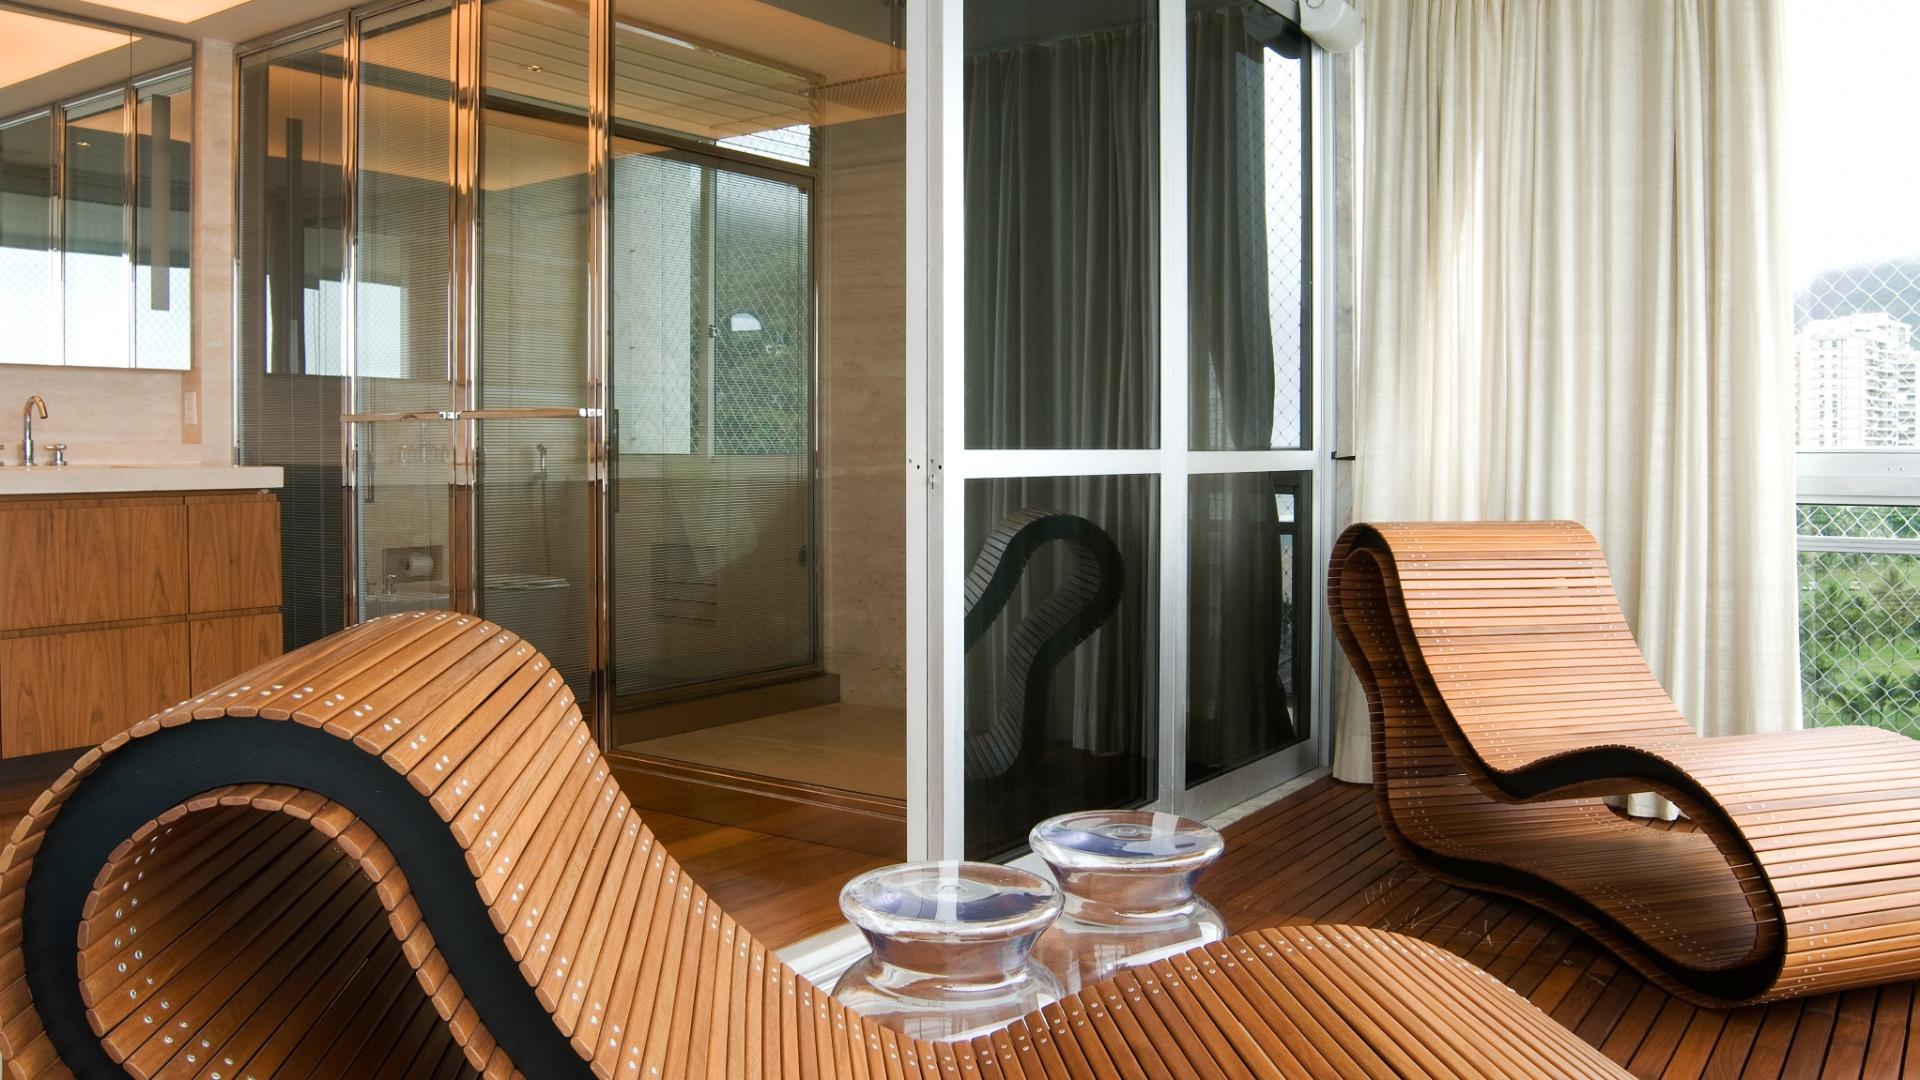 banheiro da suite do casal a reforma e decoracao de interiores da #704726 1920x1080 Banheiro Da Suite Do Casal